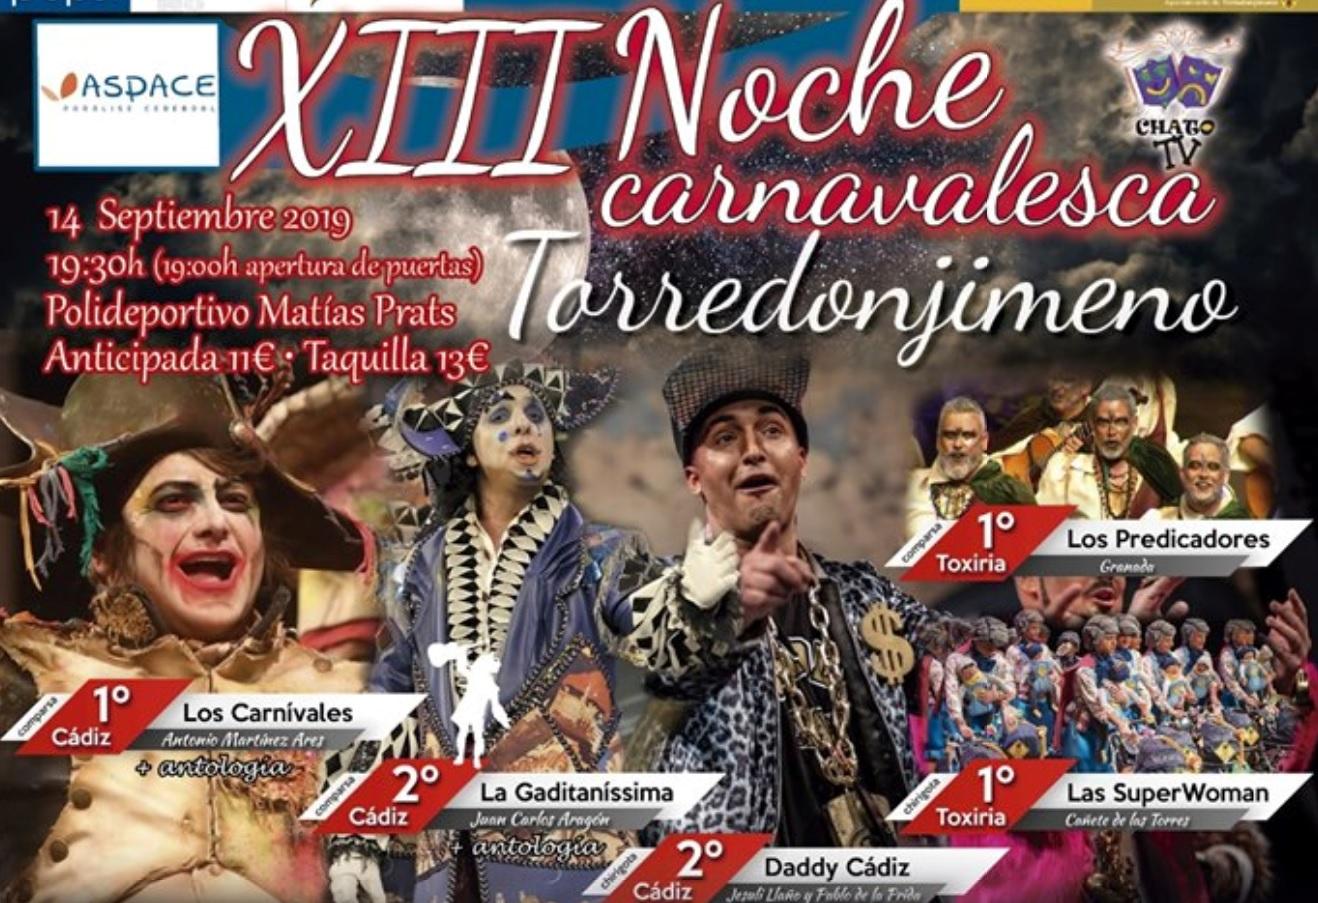 La XIII Noche carnavelesca de Torredonjimeno colaborará con Aspace Jaén